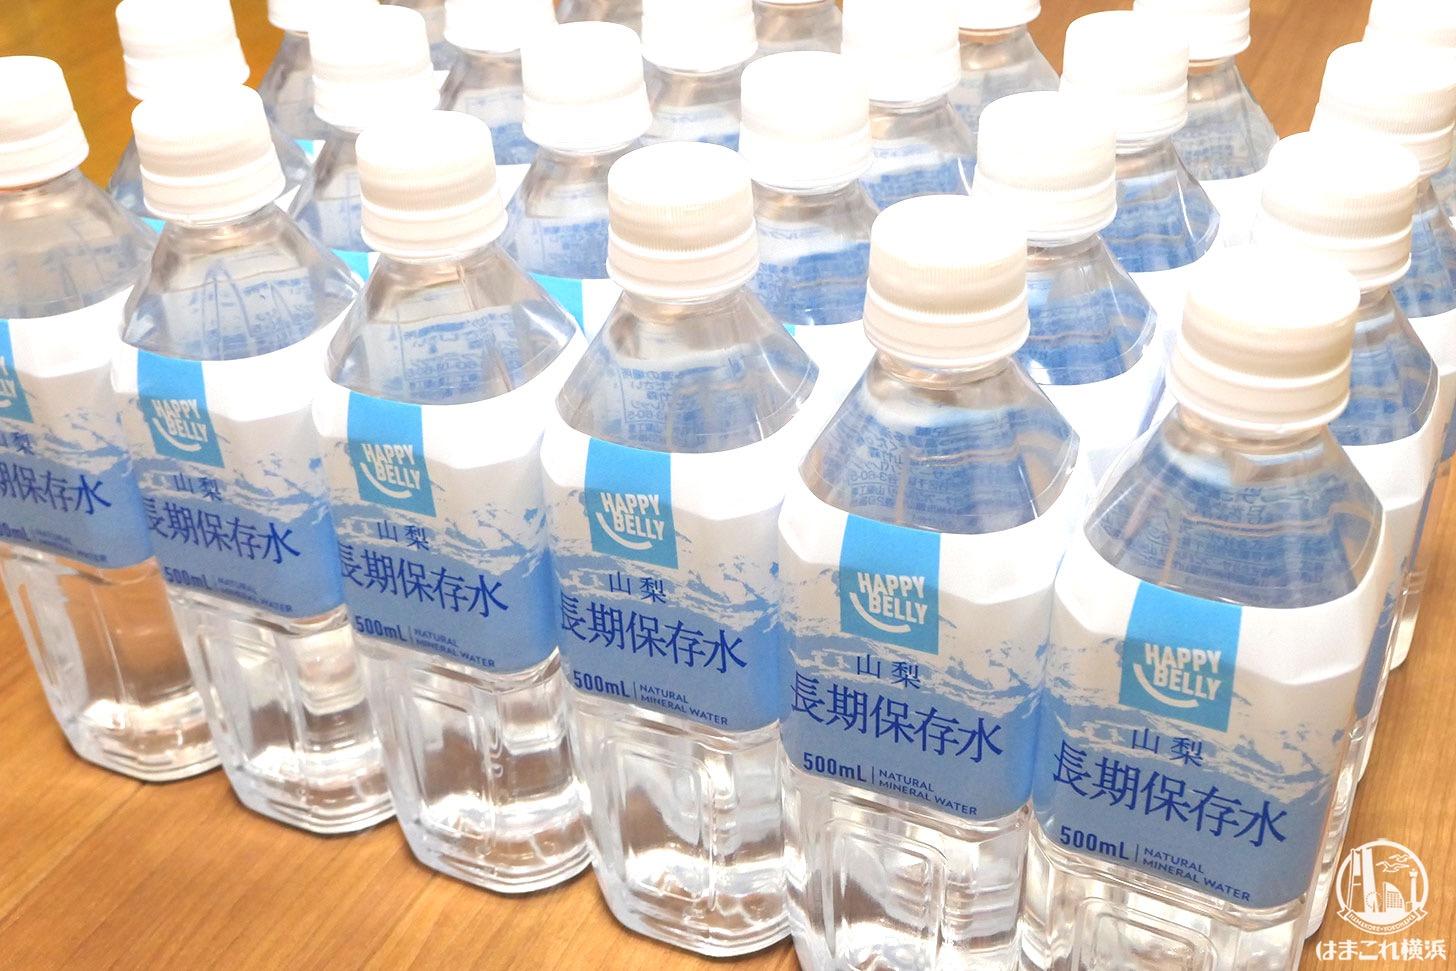 災害対策で用意している保存水と野菜ジュース、節水防災グッズ